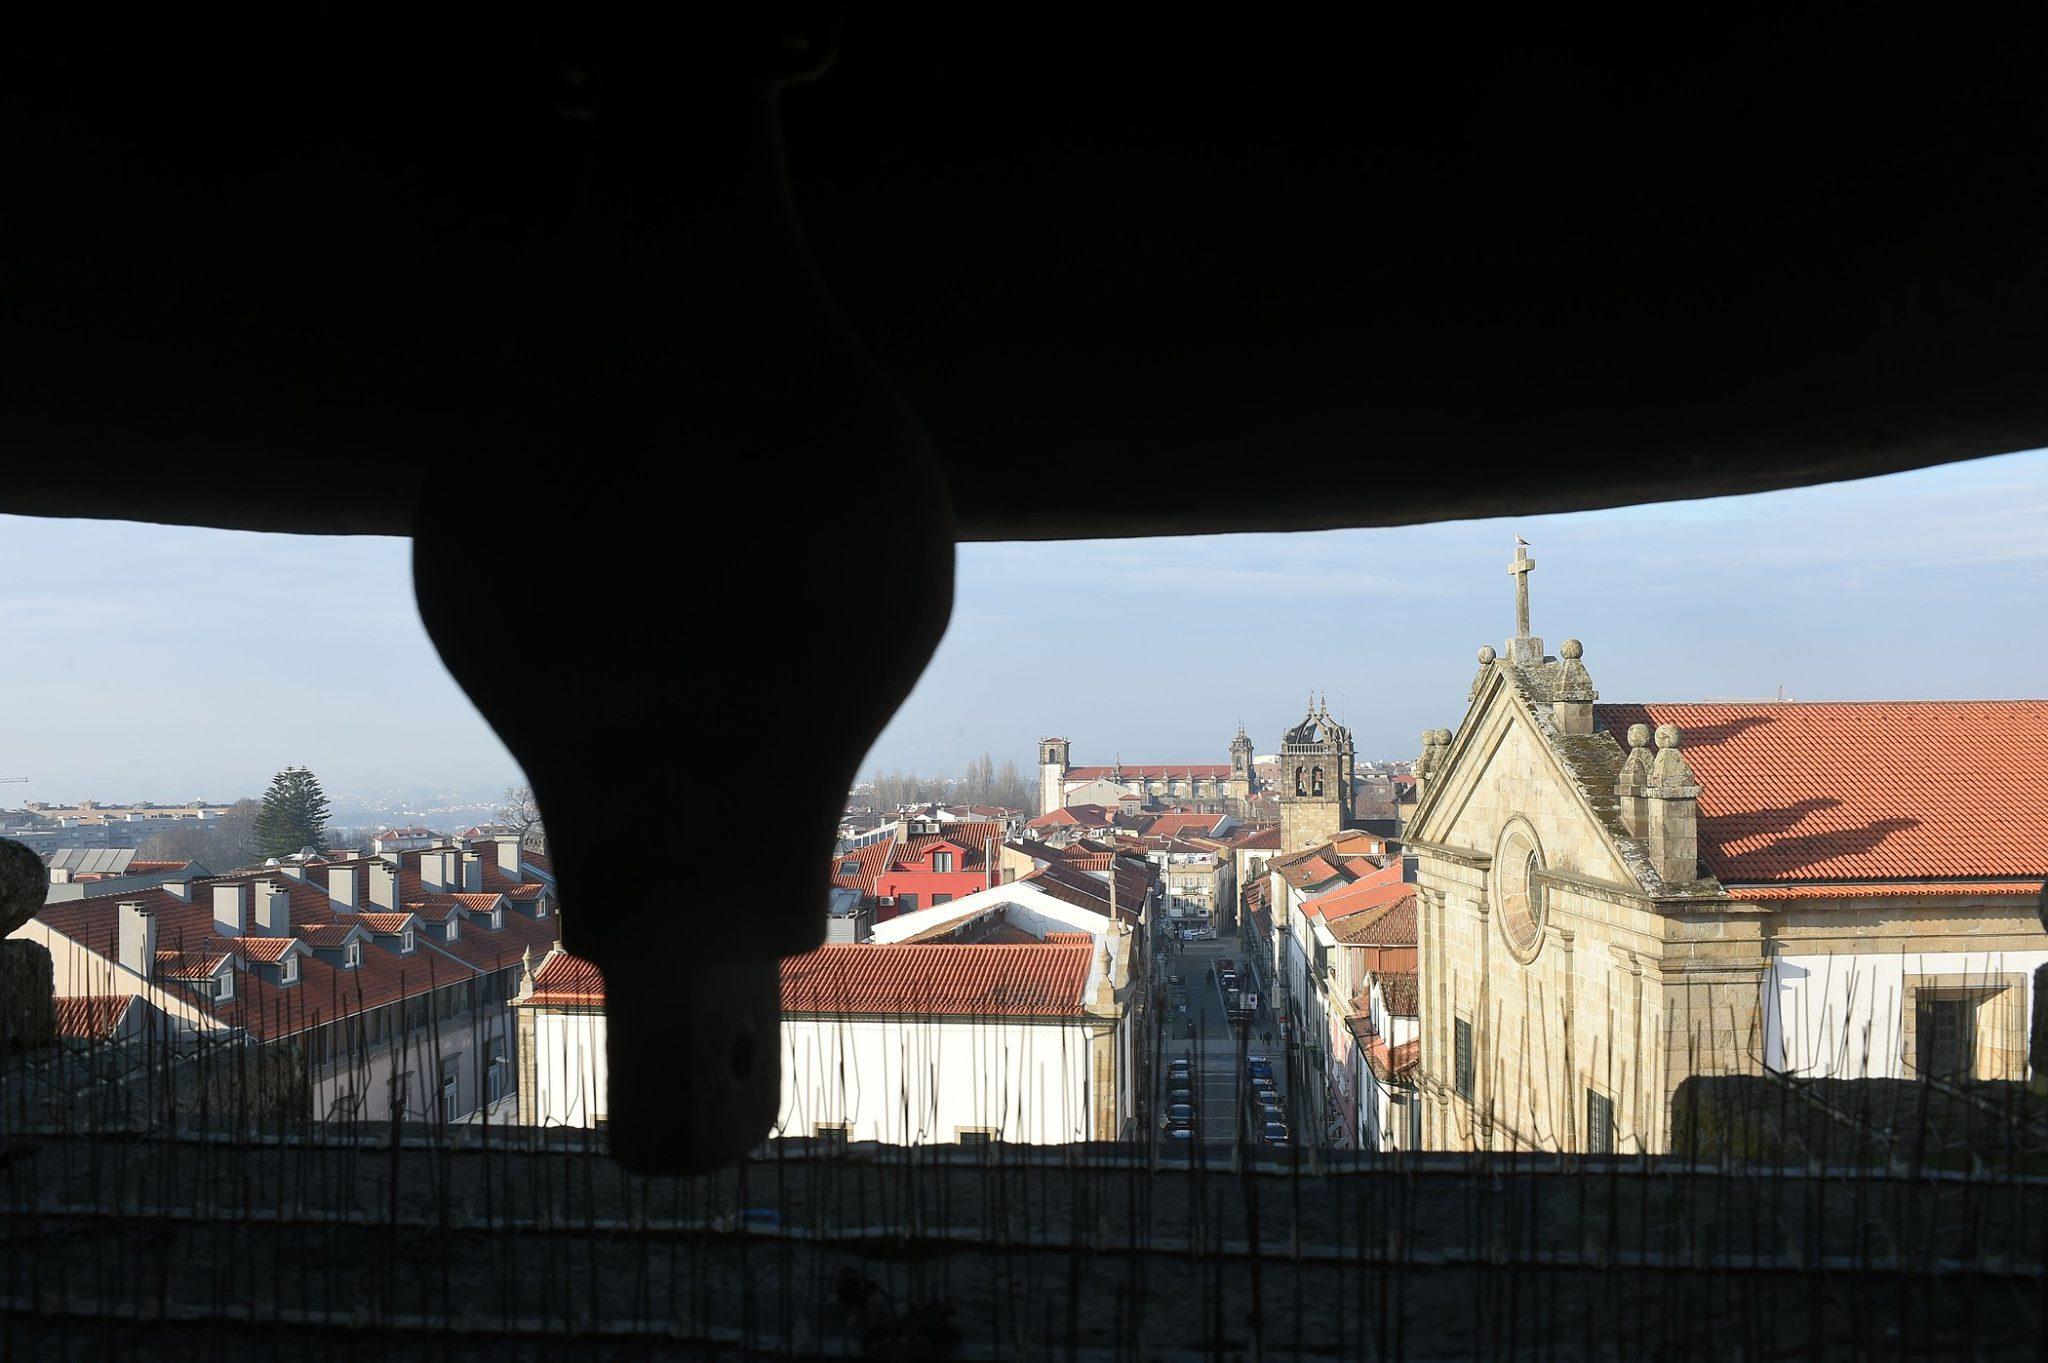 I Encontro Ibero-americano de Sineiros arranca esta sexta-feira em Braga